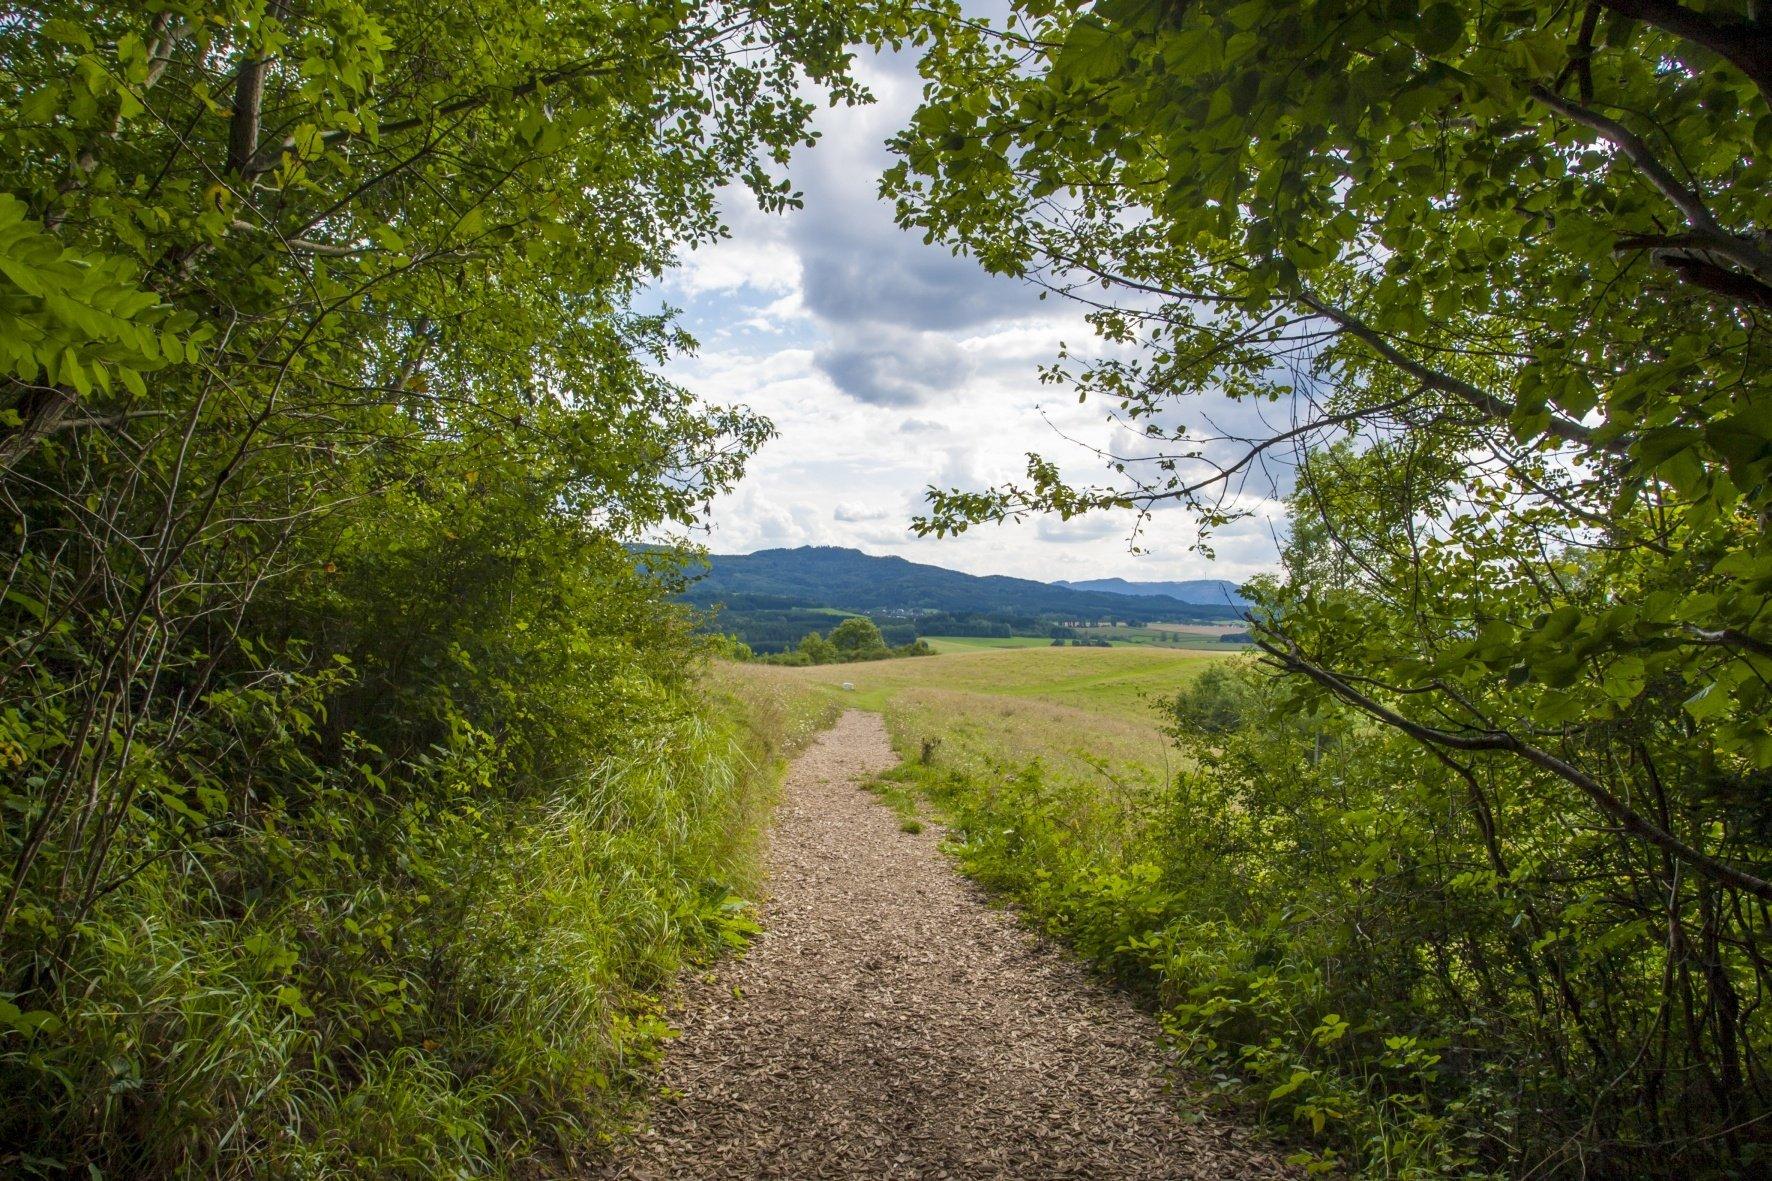 Pfad mit Blick auf die Hügel der Zollernalb